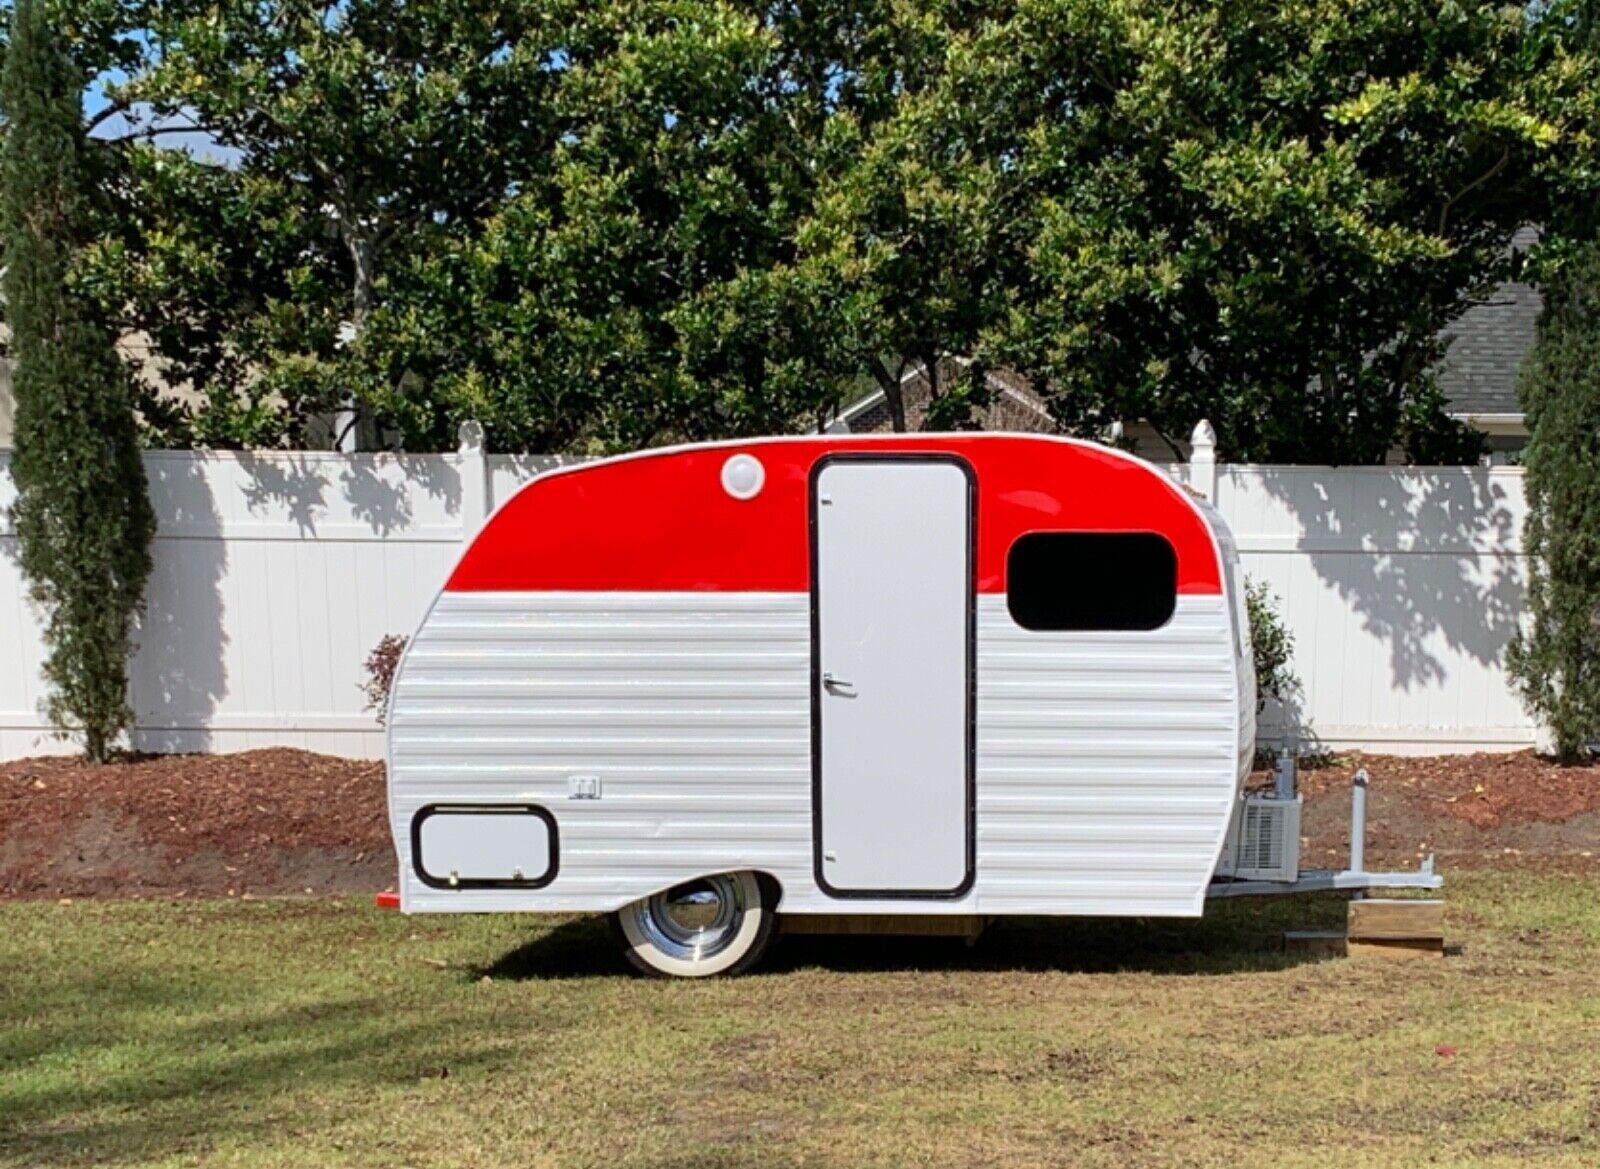 1960s Vintage Serro Scotty Camper Travel Trailer - New ...